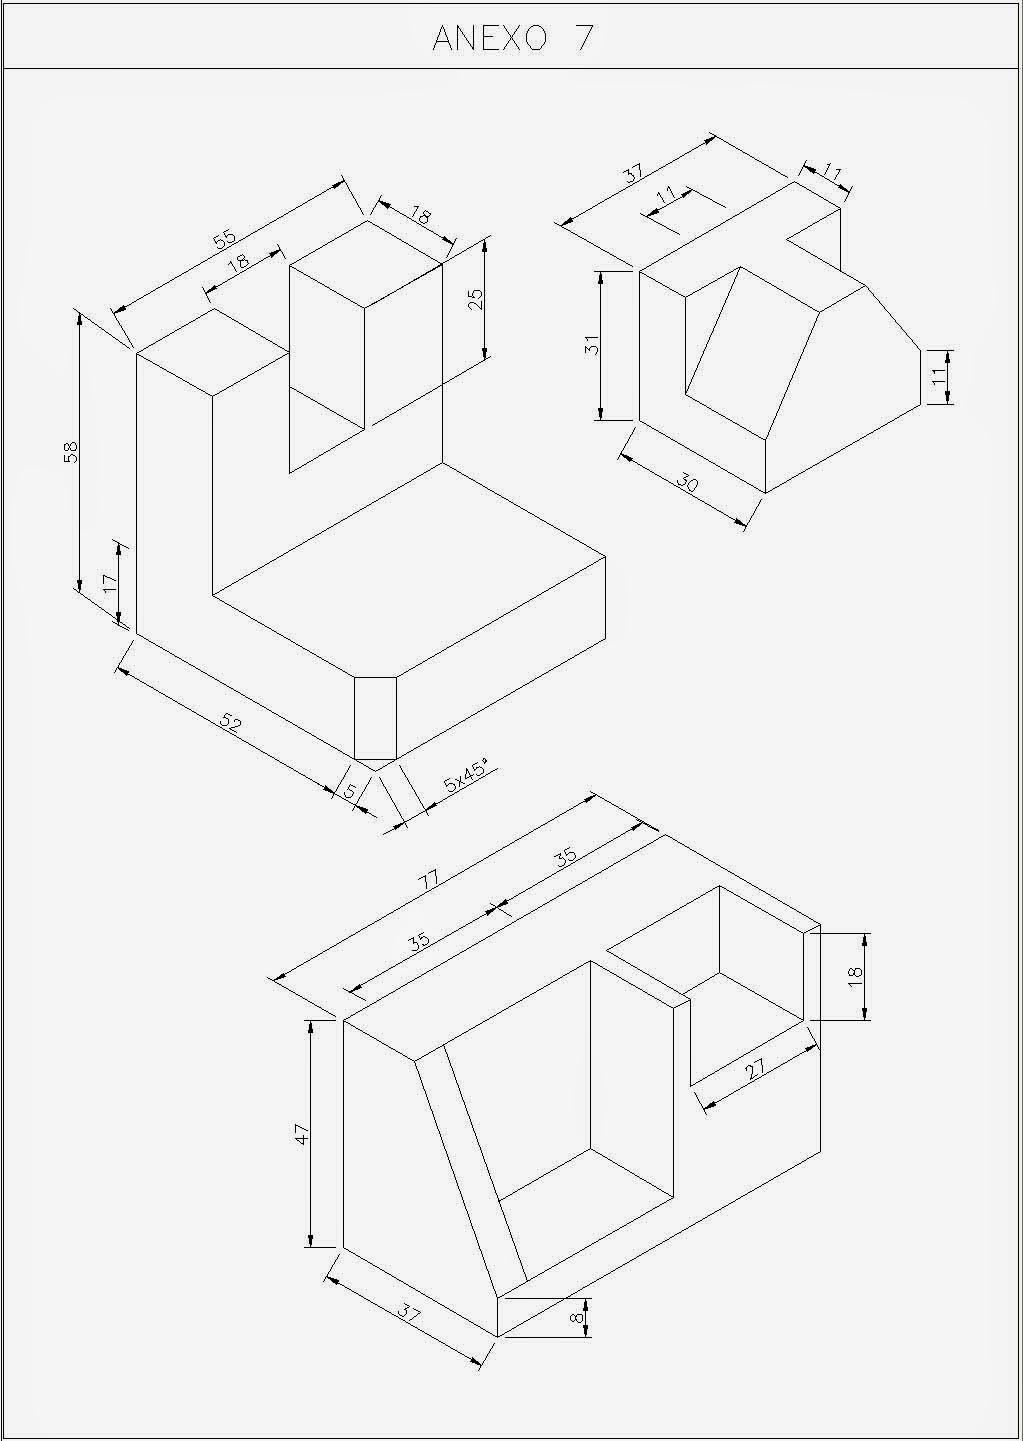 CONSTRUCCIÓN: DIBUJO EN CONSTRUCCIÓN